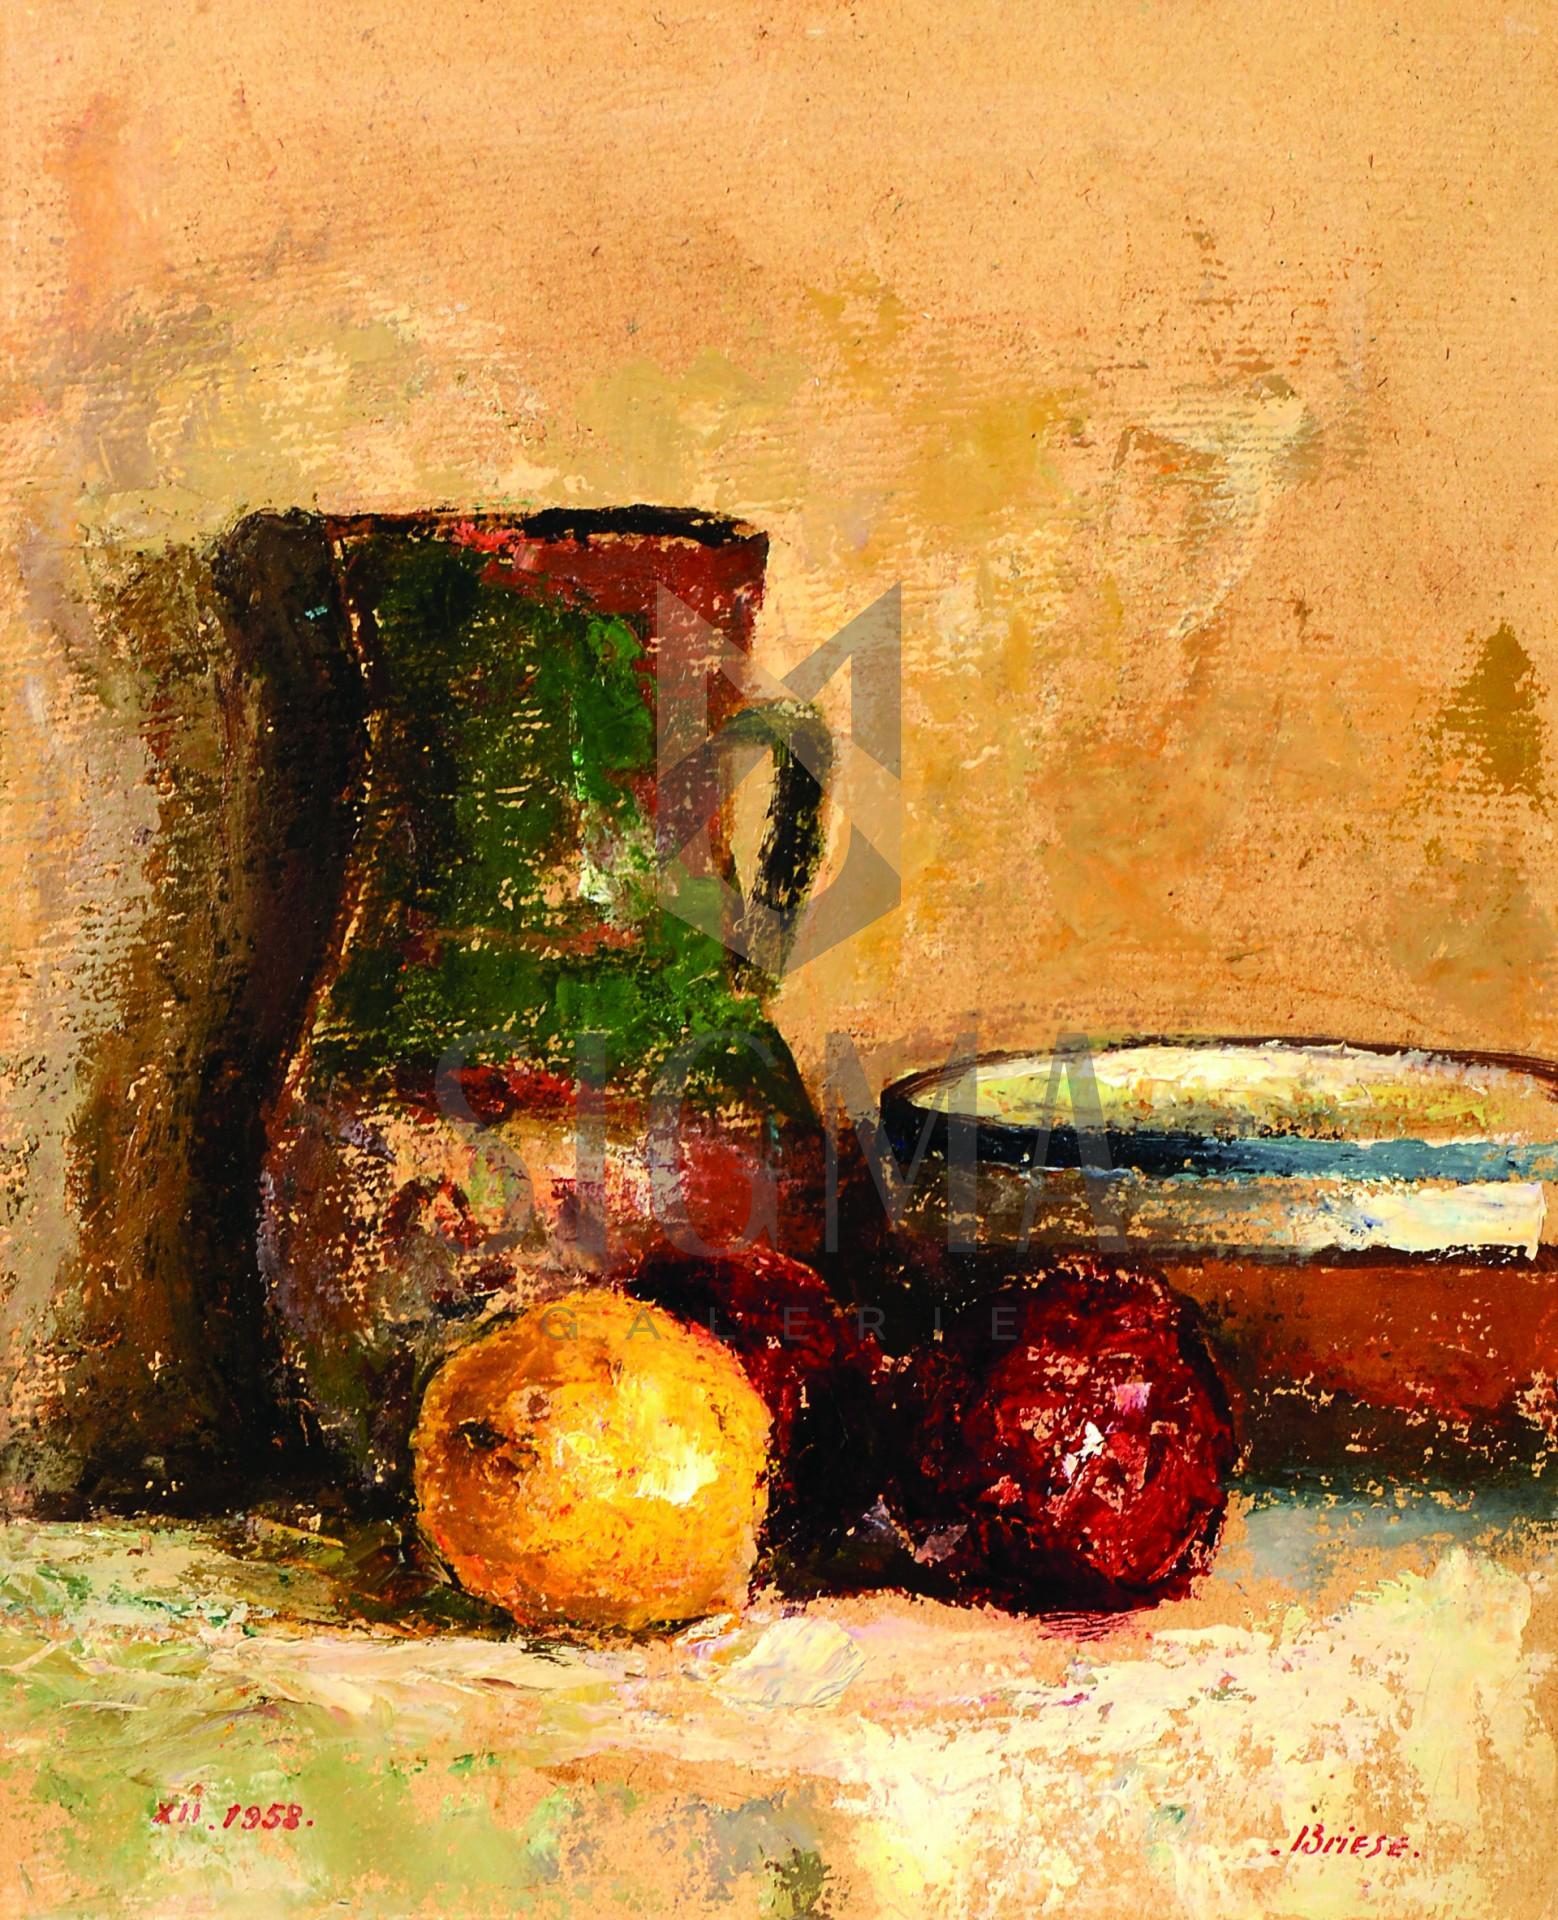 """Tablou OTTO BRIESE """"Natură  statică cu vase de lut""""  ulei pe carton, 41 x 33 cm datat 1958, semnat dreapta jos Briese"""